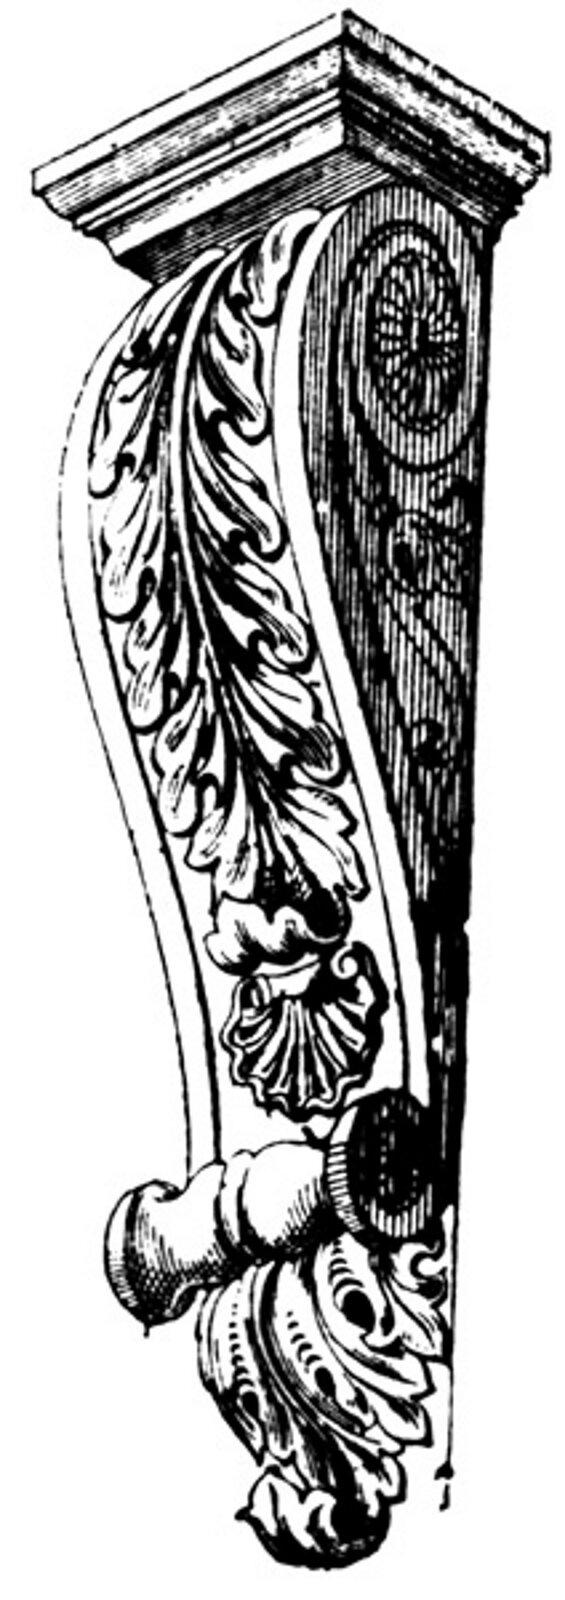 Ilustracja przedstawiająca ornament: konsola. Element dekoracyjny naszkicowany jest czarnym kolorem. Ornament kształtem przypomina kolumnę, na której widoczne są liście.